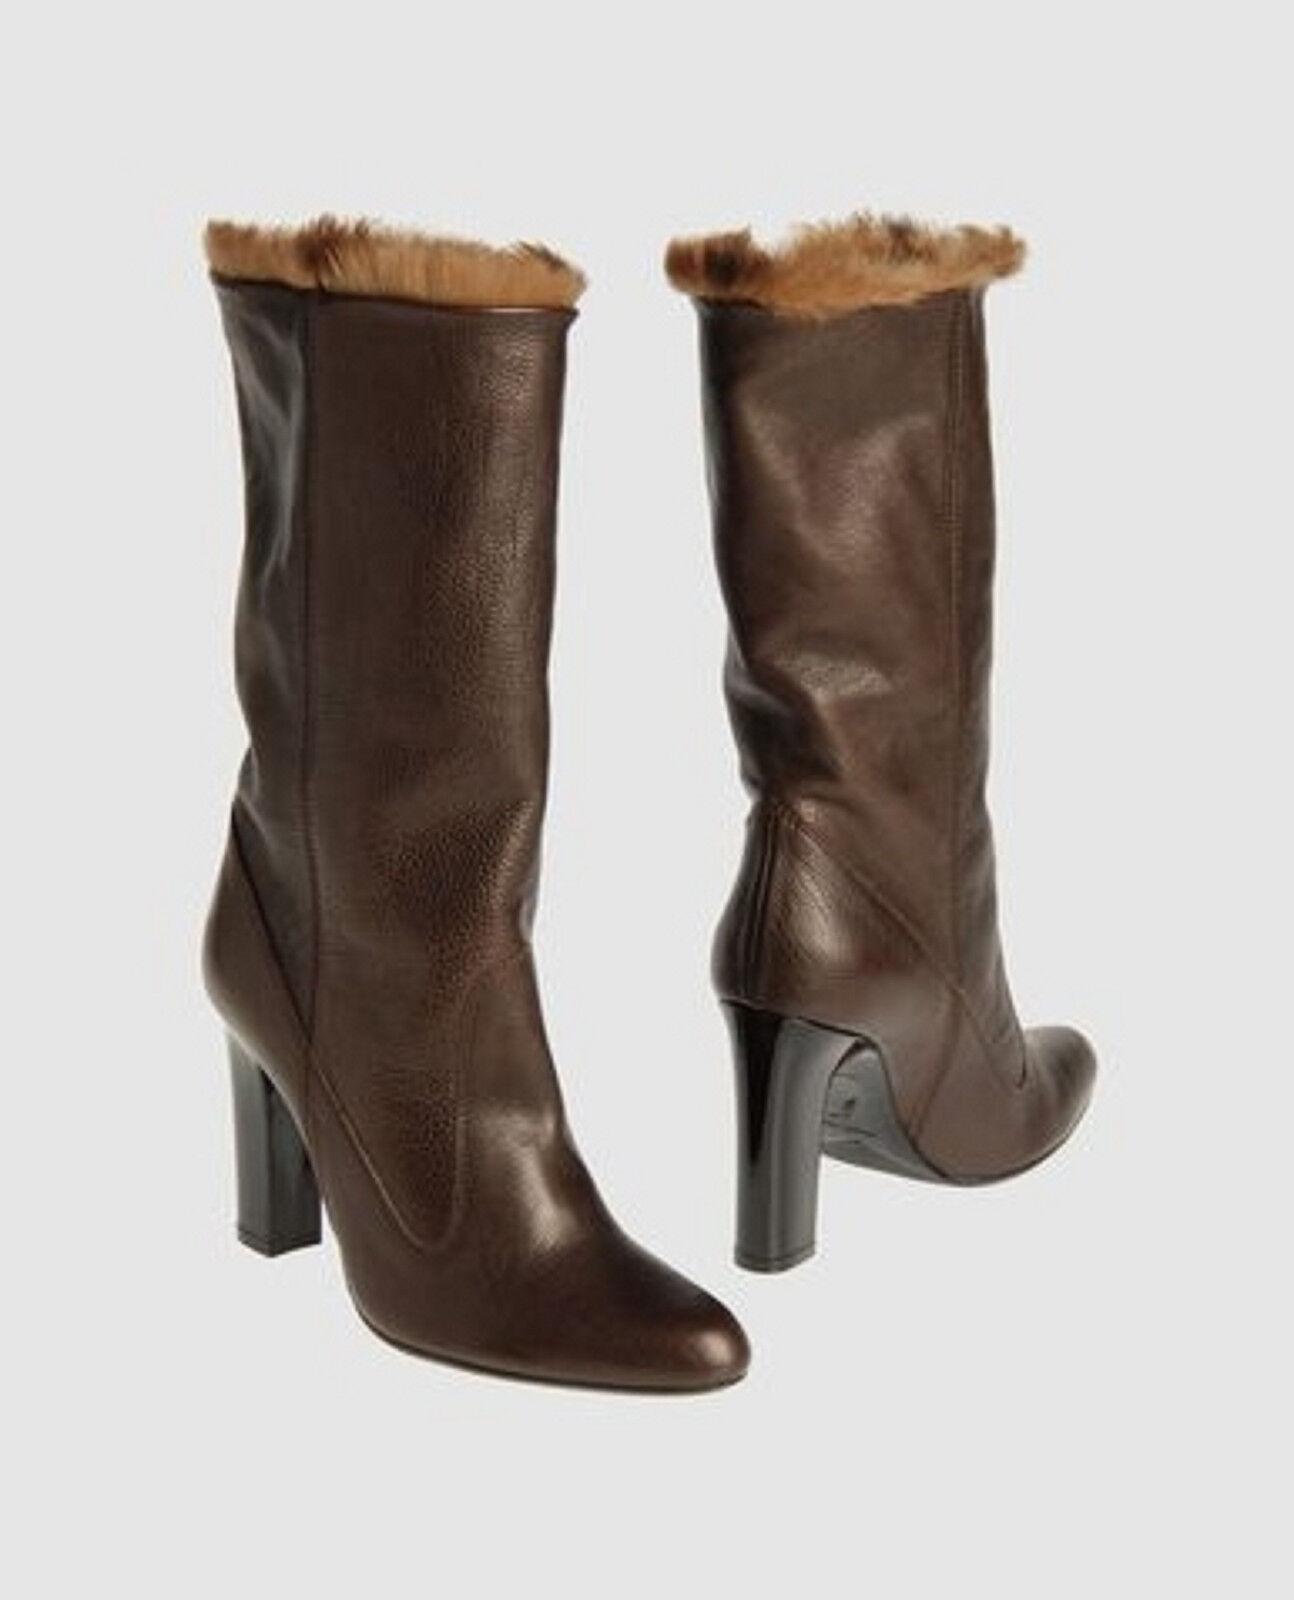 Nuevo En Caja Rene  Caovilla Cuero Cuero Cuero Marrón Forrada De Piel botas 39  servicio considerado